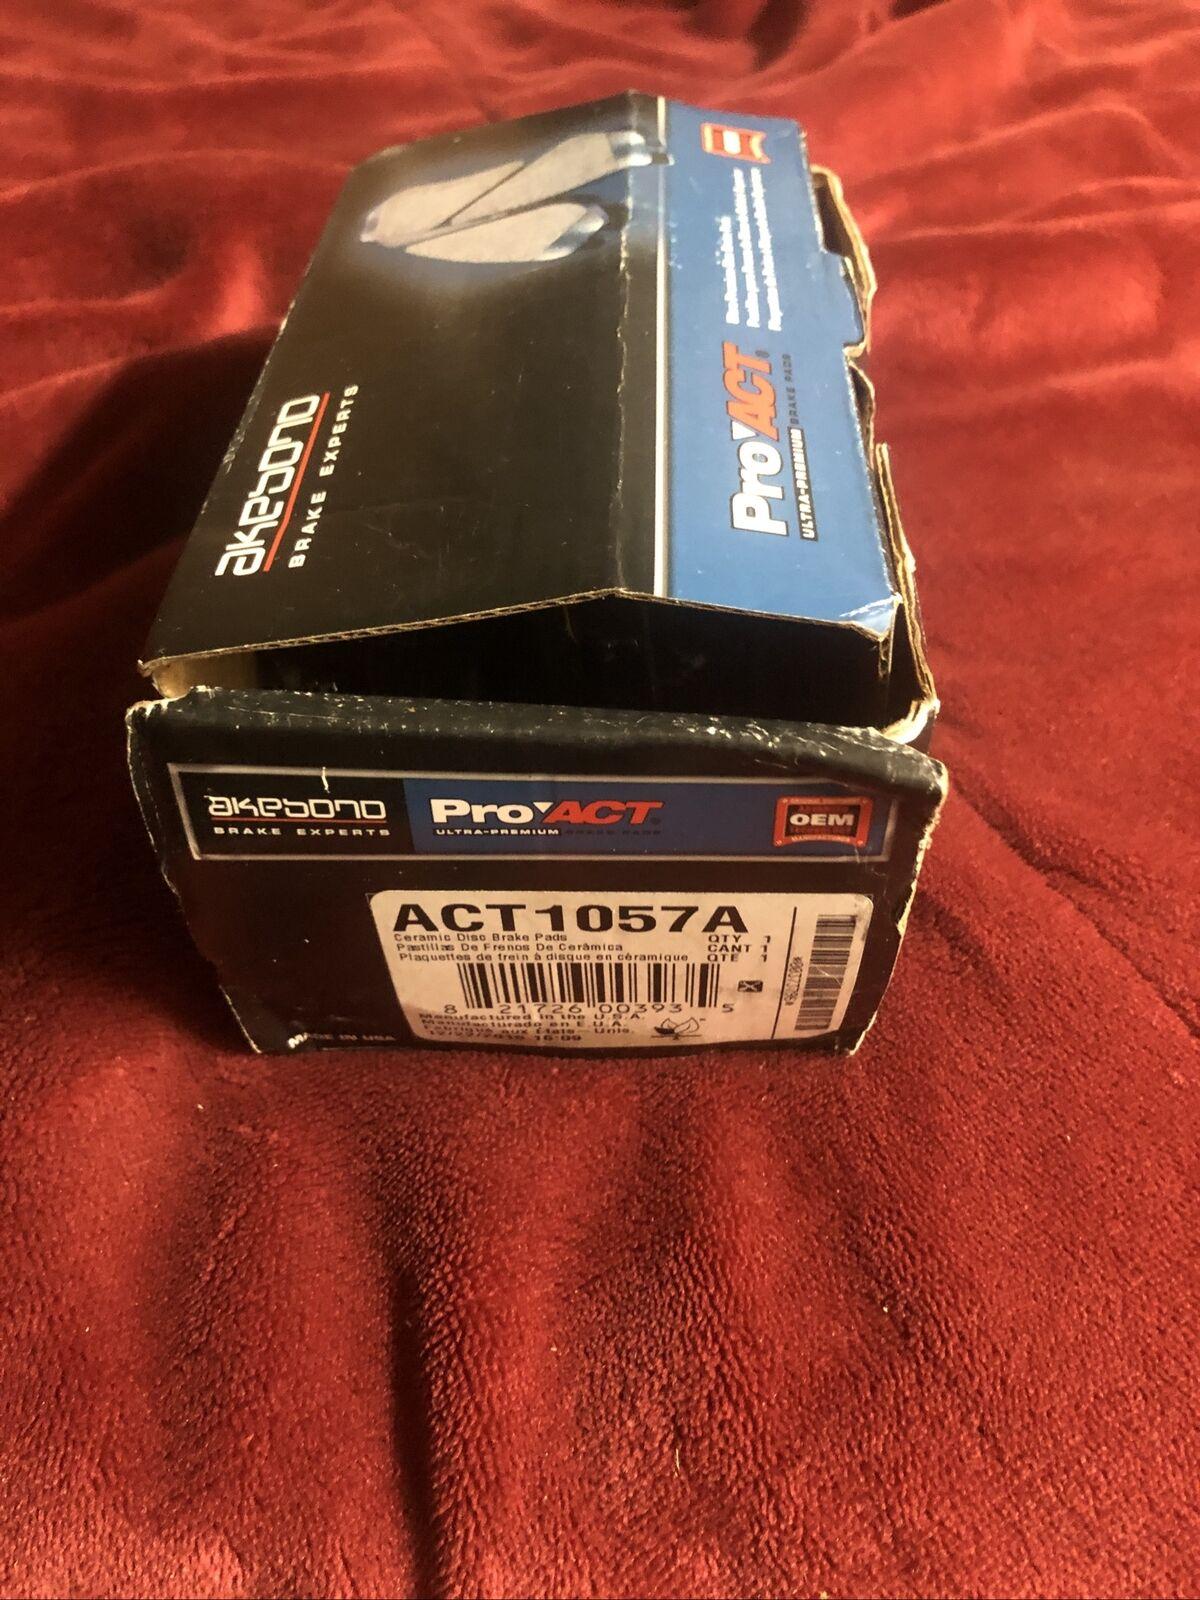 Rr Ceramic Brake Pads  Akebono  ACT1057A